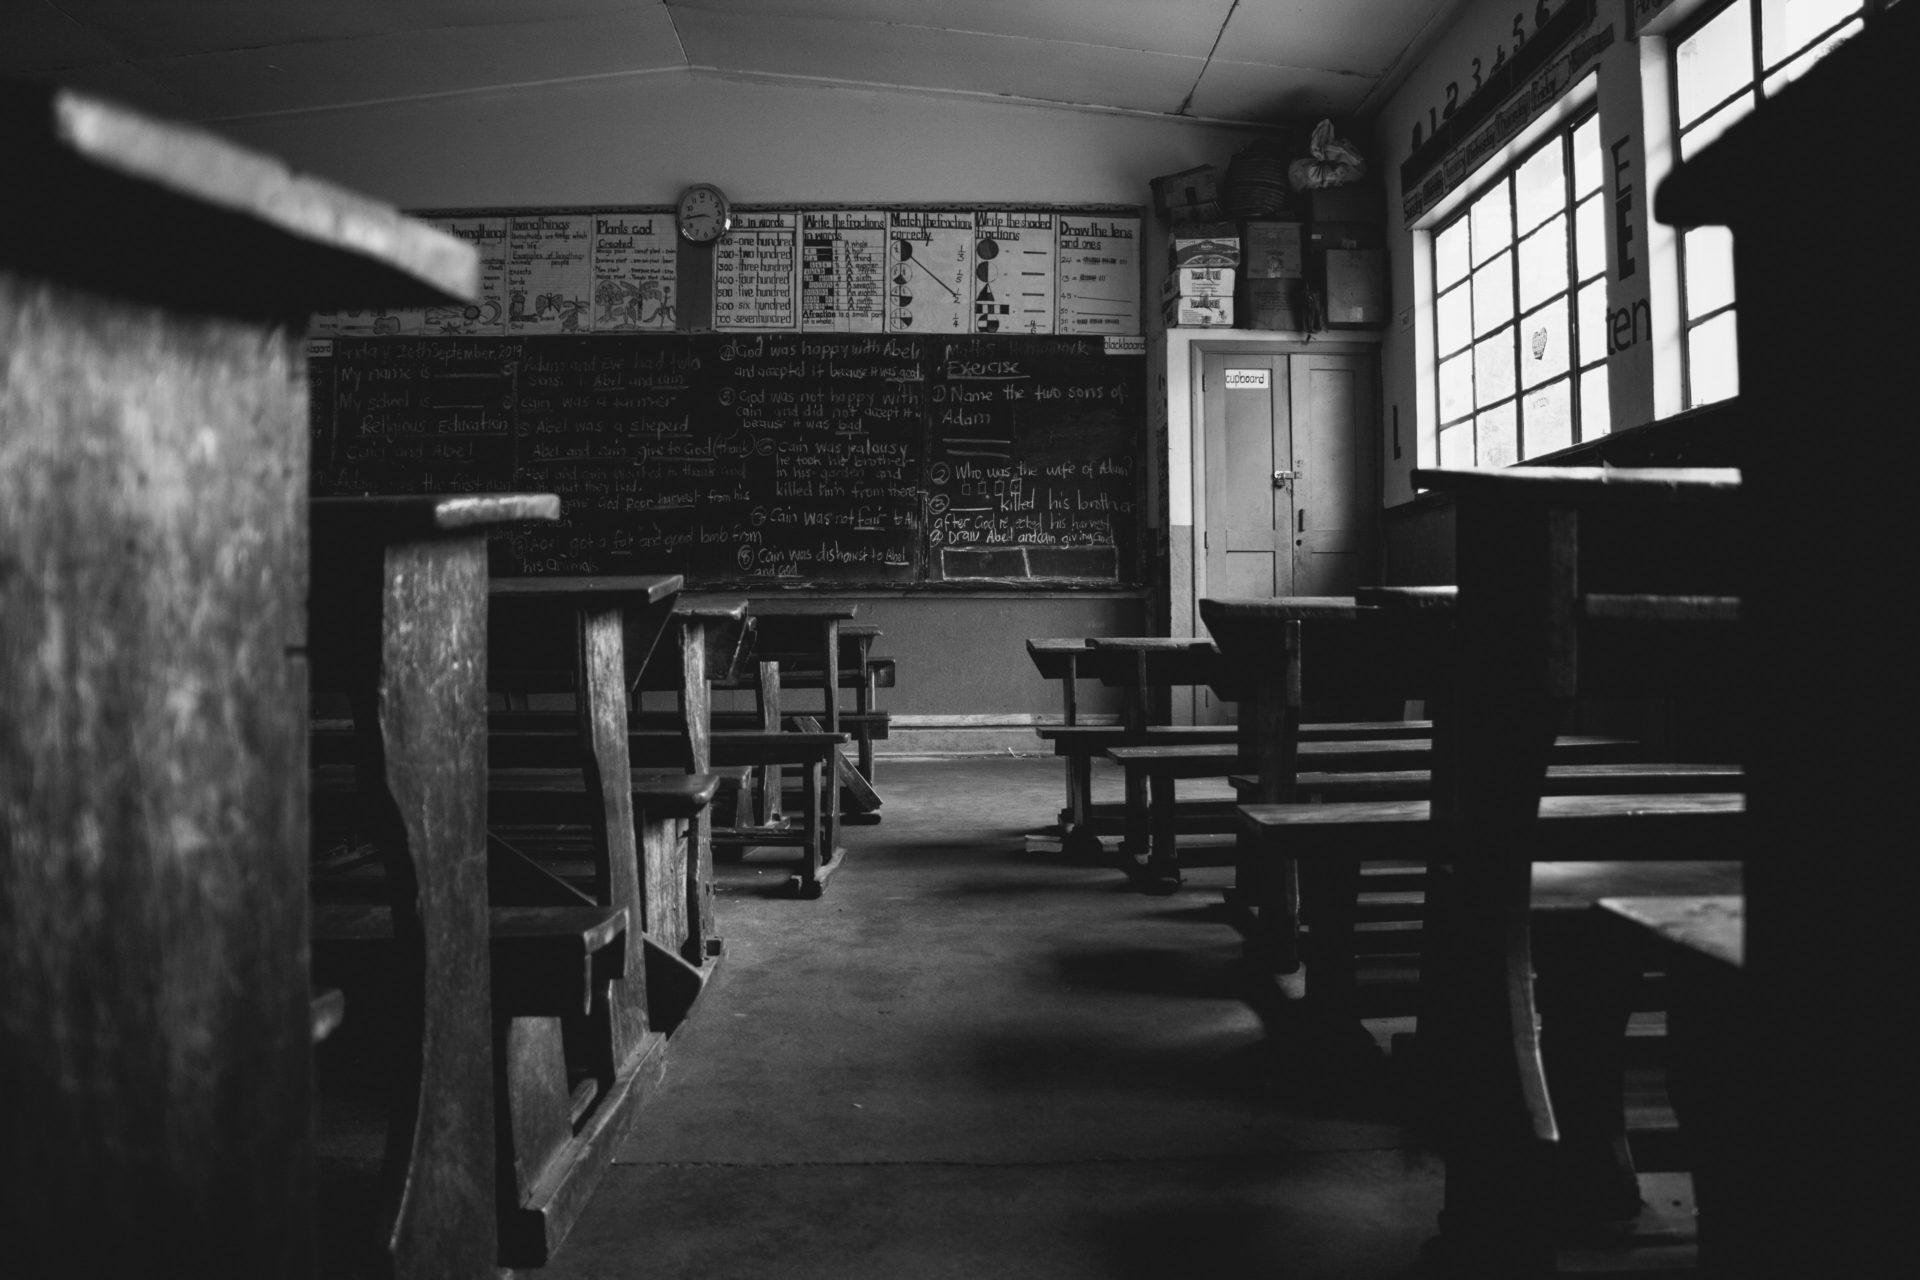 Εκπαίδευση, αποτυχία και επιτυχία